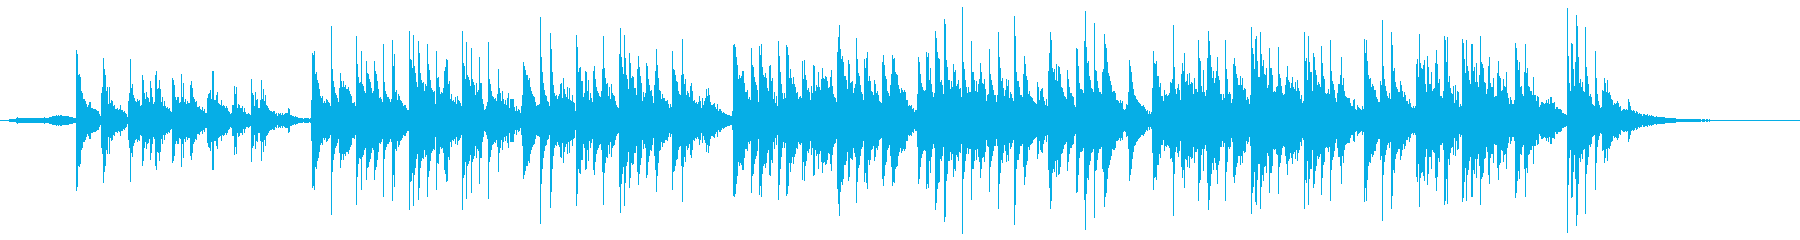 アコギとキーボードの眠れる1曲の再生済みの波形